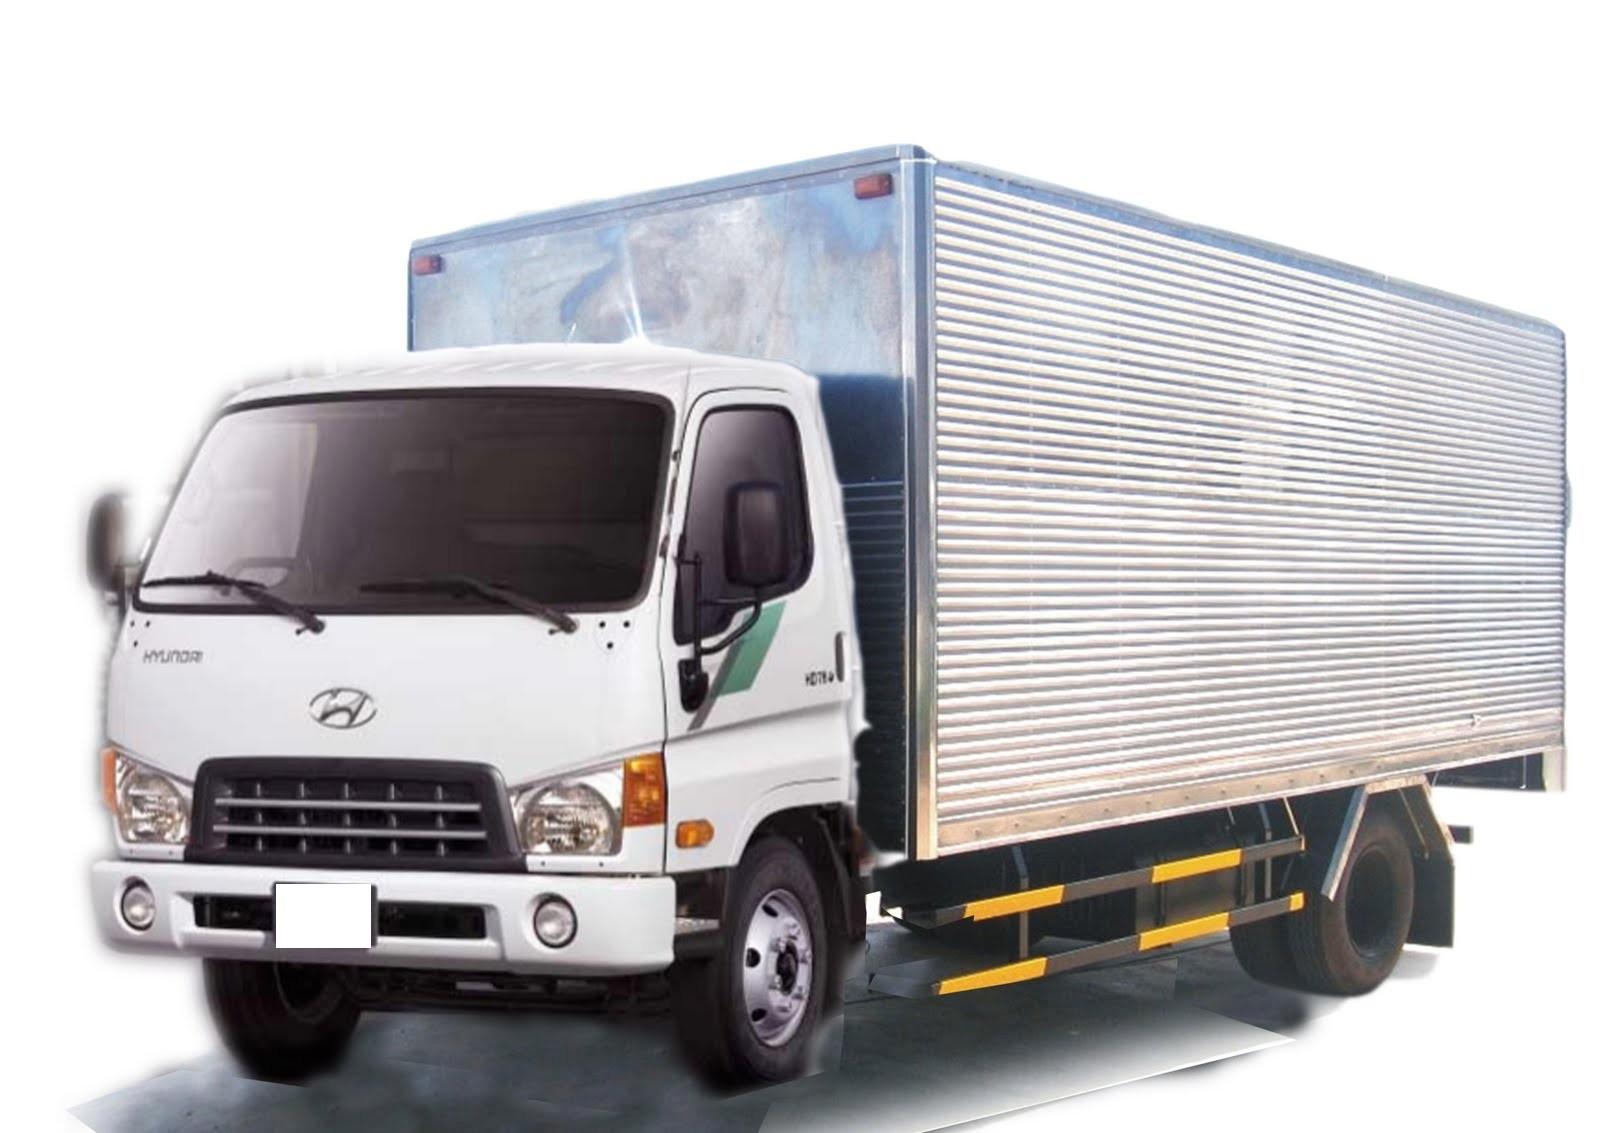 Các khoản bồi thường thiệt hại do bị ô tô tải đâm?